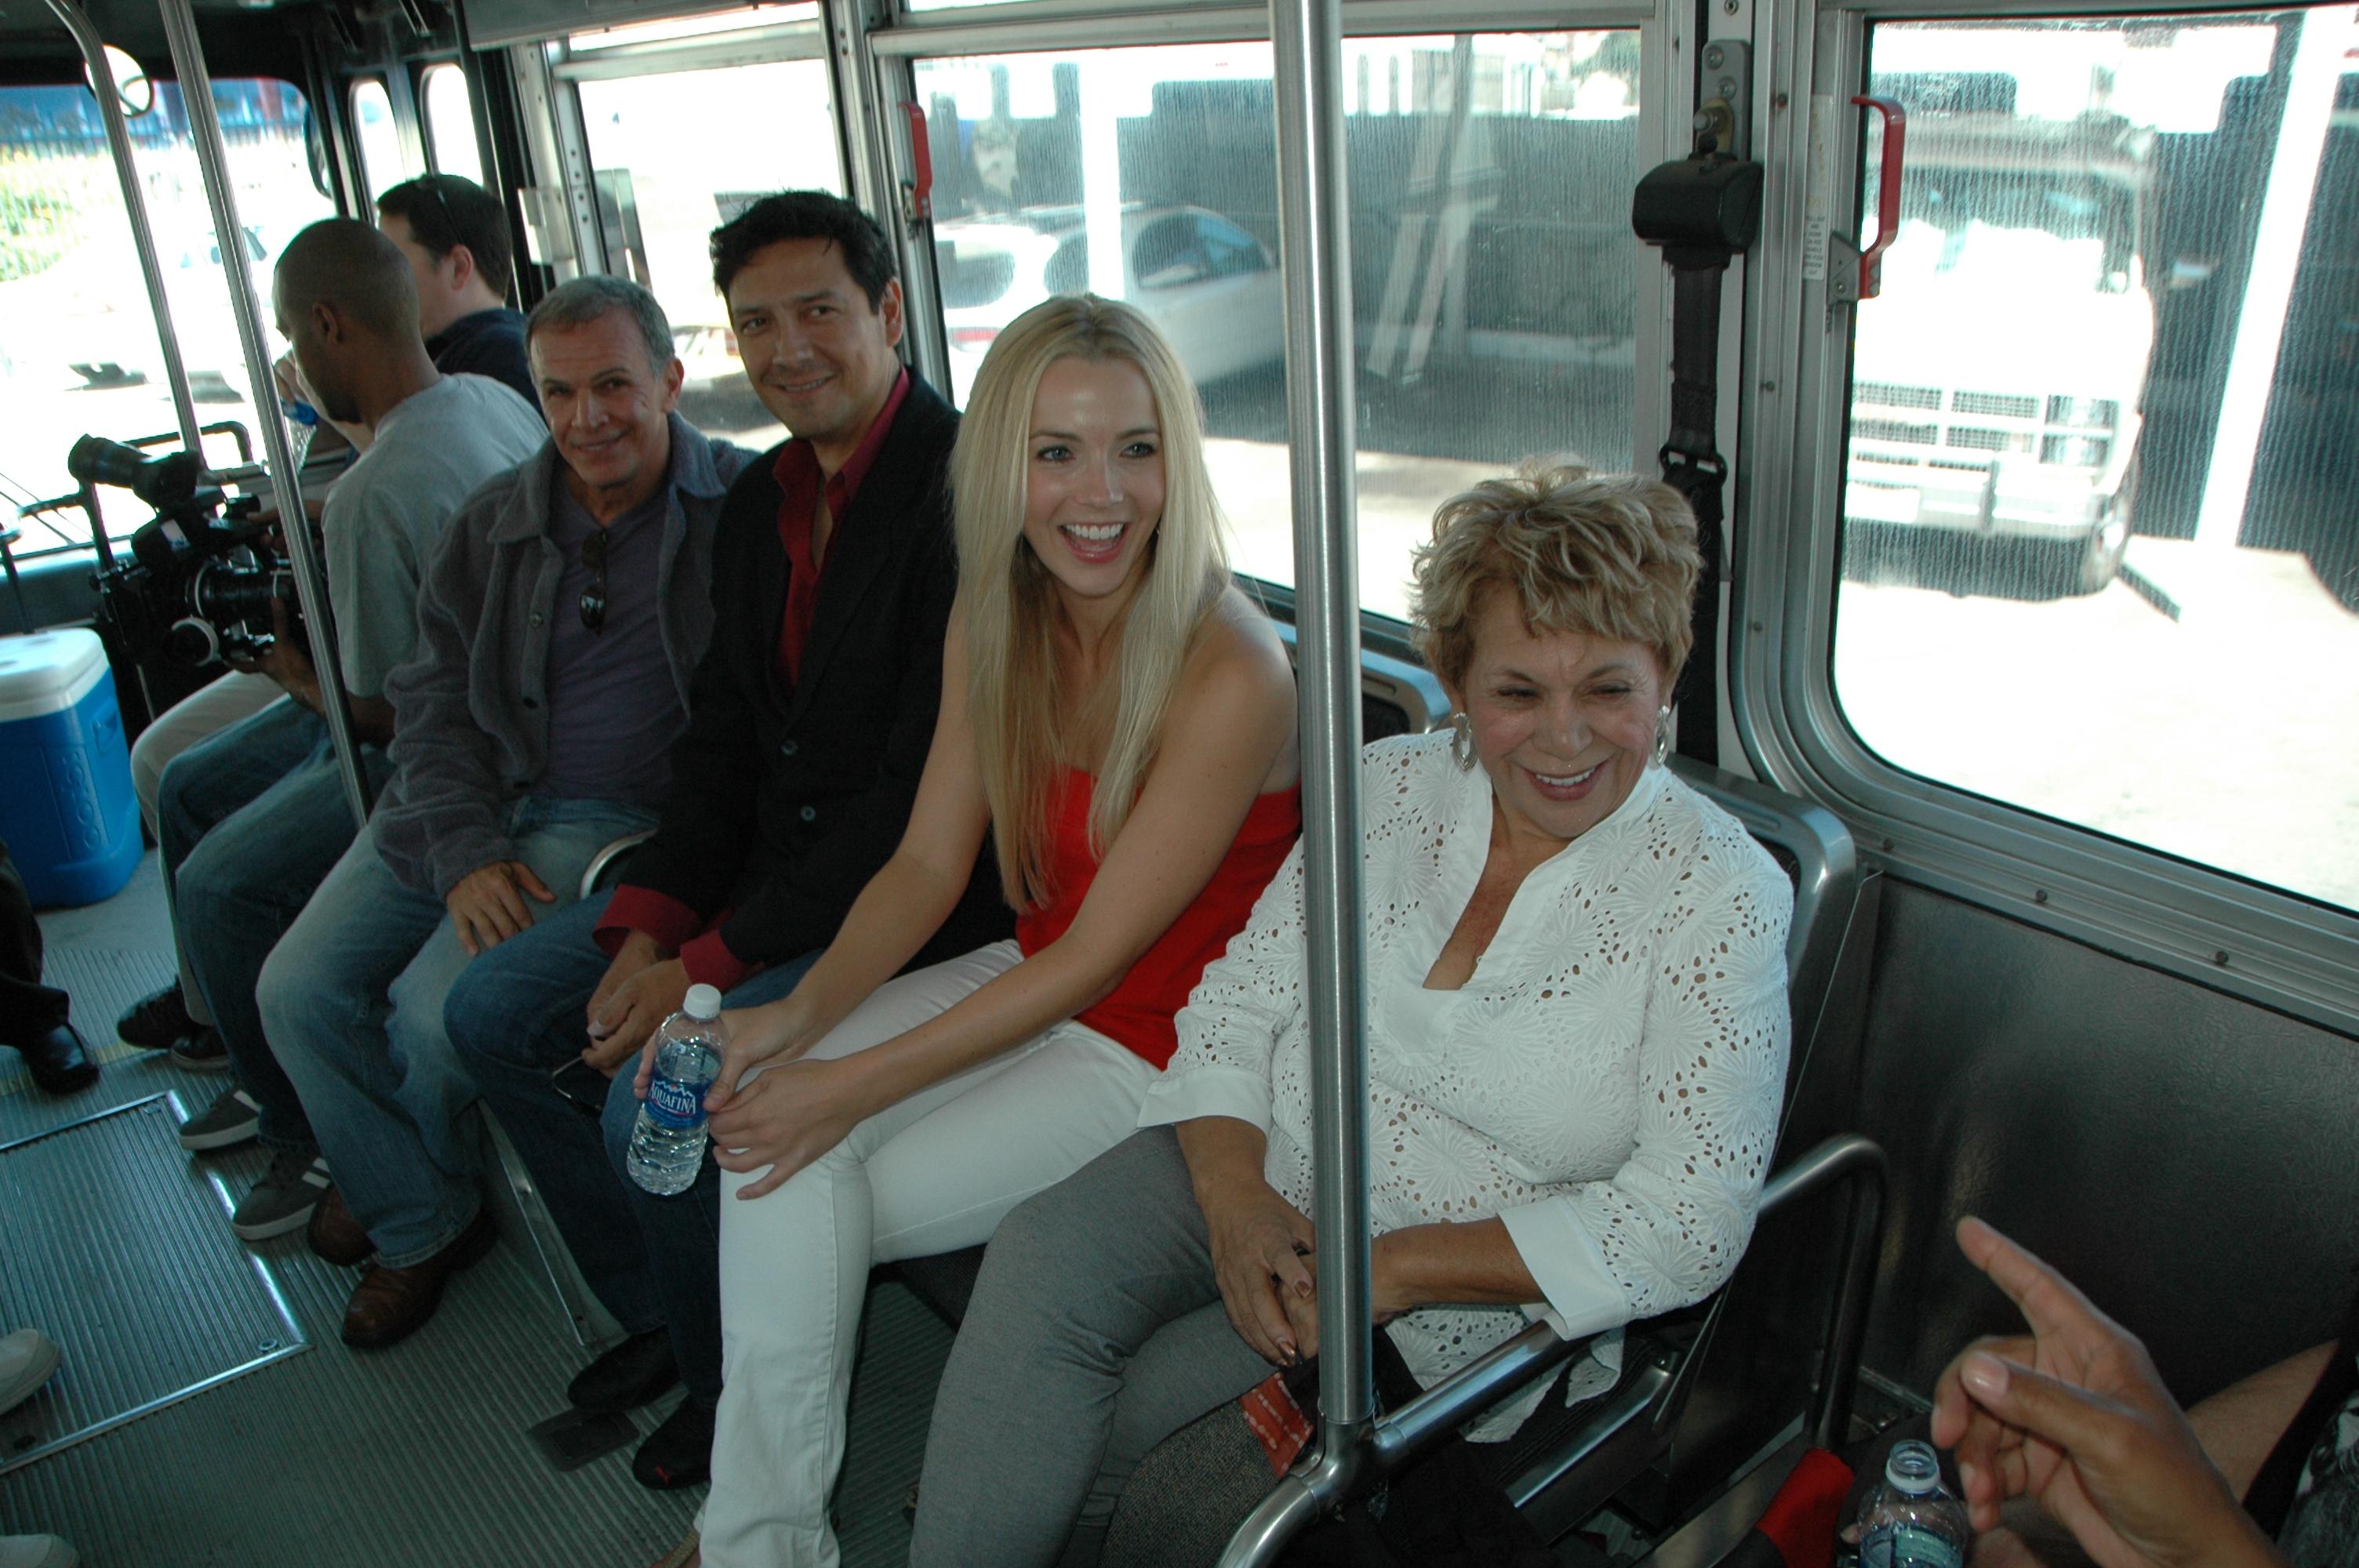 El elenco de Los Americans viajando en autobús. (Foto José Ubaldo/El Pasajero)